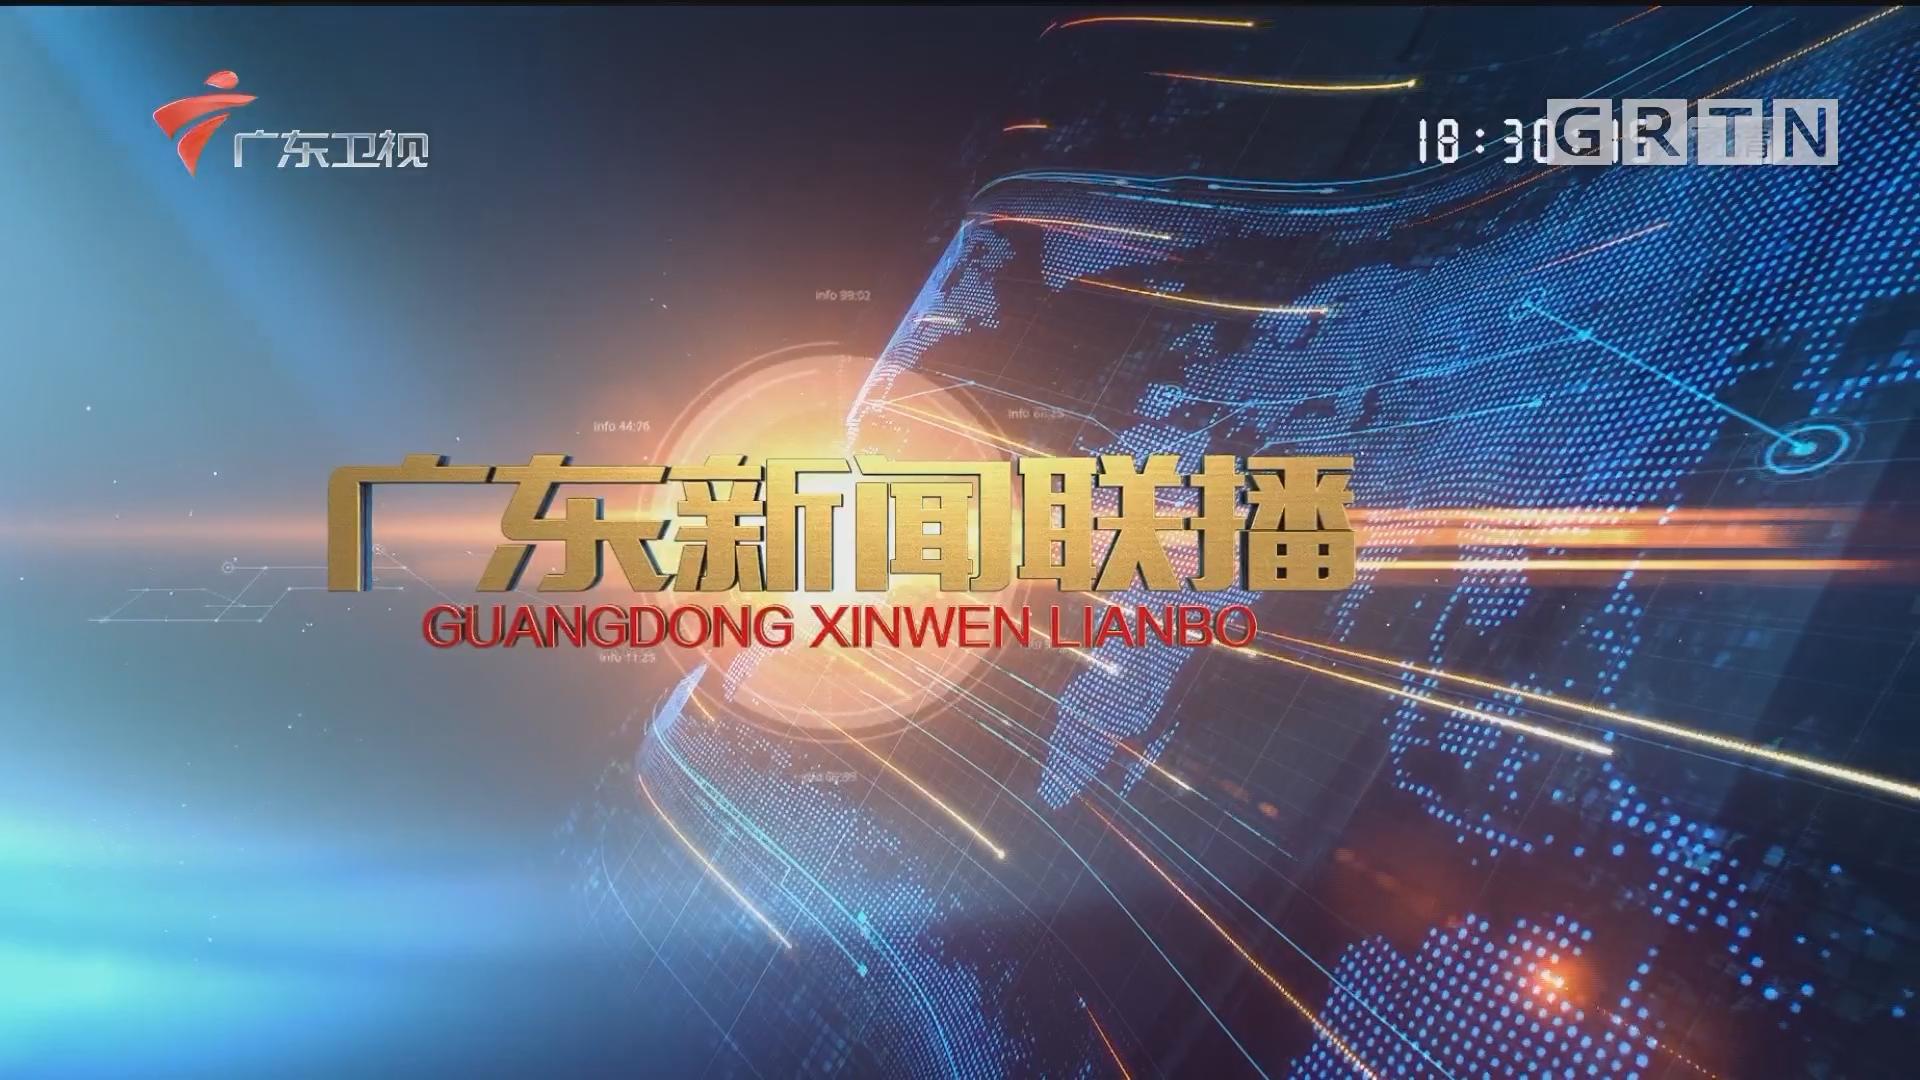 [HD][2017-10-28]广东新闻联播:省委召开全省传达贯彻党的十九大精神大会